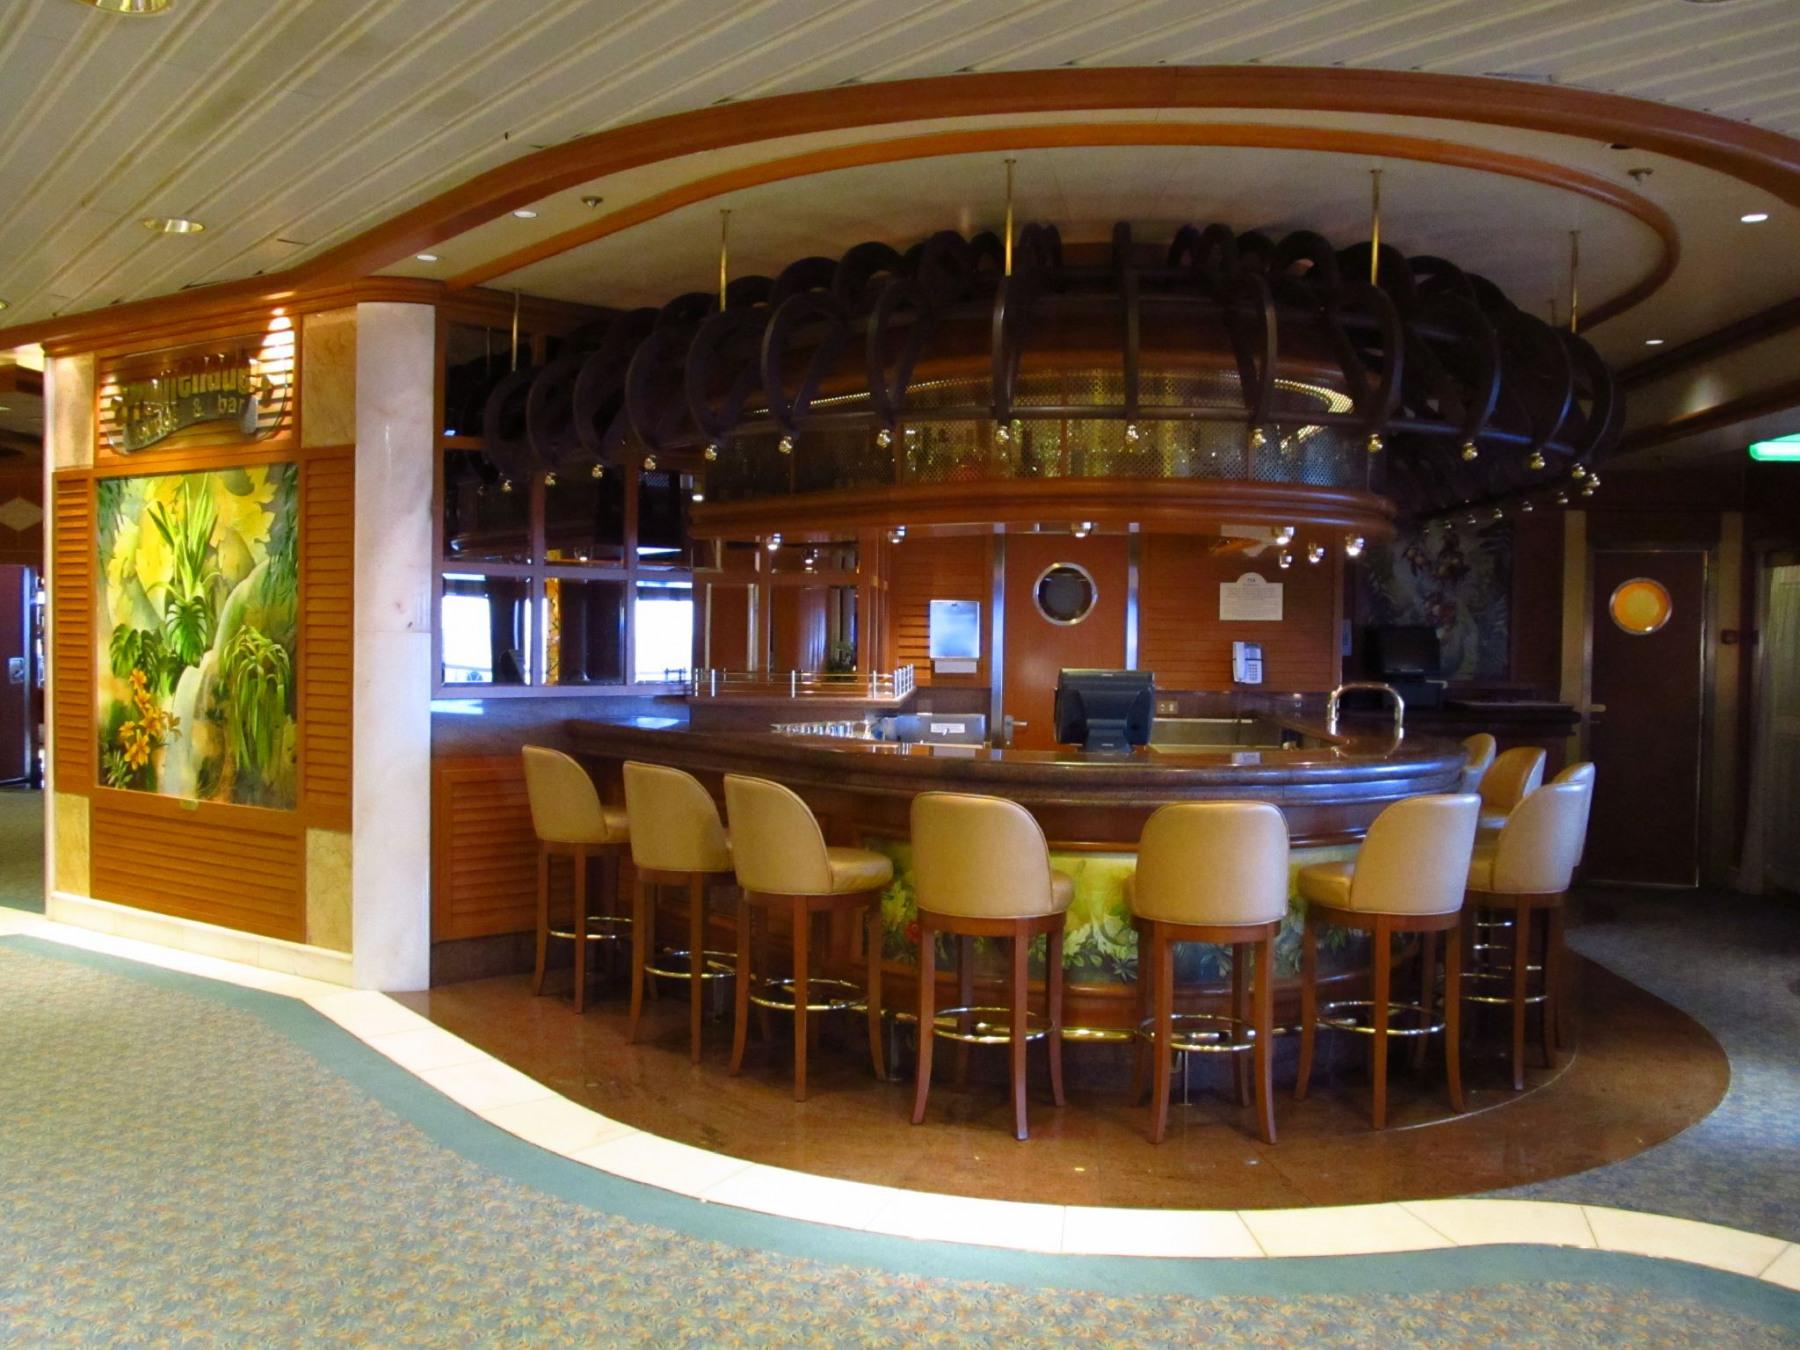 princess cruises grand class promenade lounge & bar.jpg